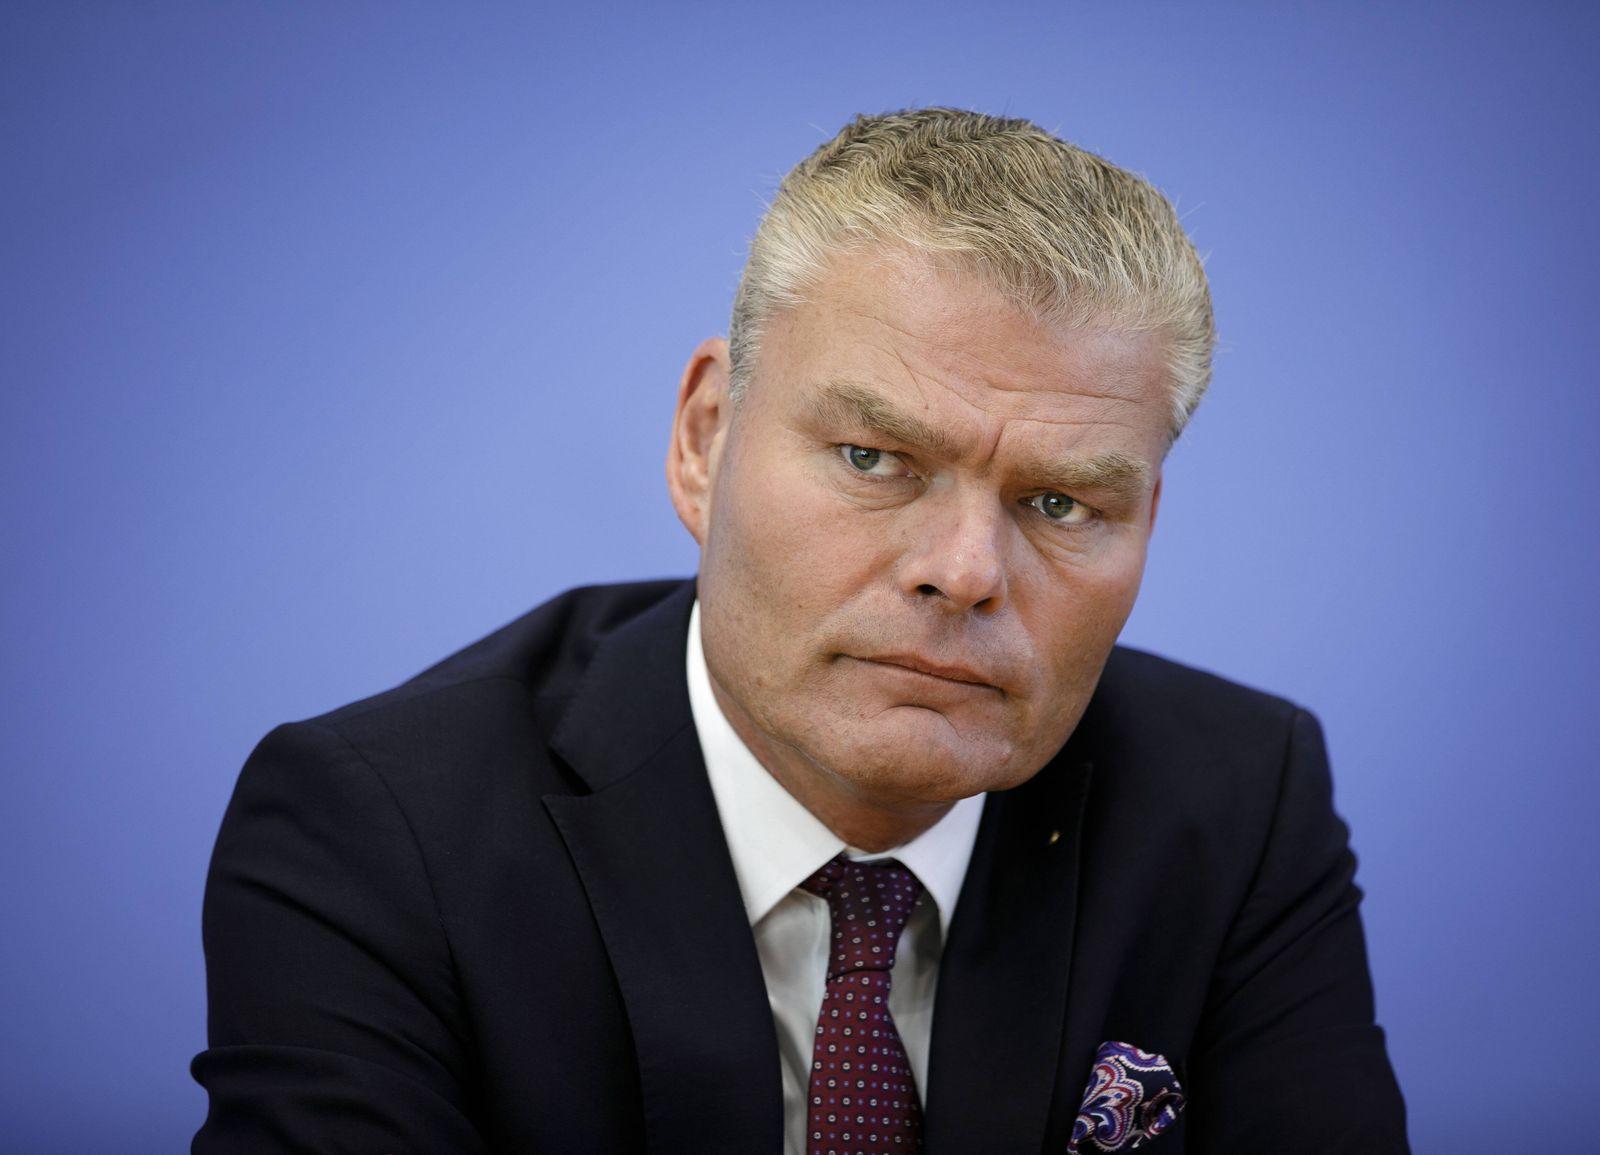 Holger Stahlknecht, IMK-Vorsitzender und Innenminister des Landes Sachsen-Anhalt (CDU), bei der Vorstellung der Polizei